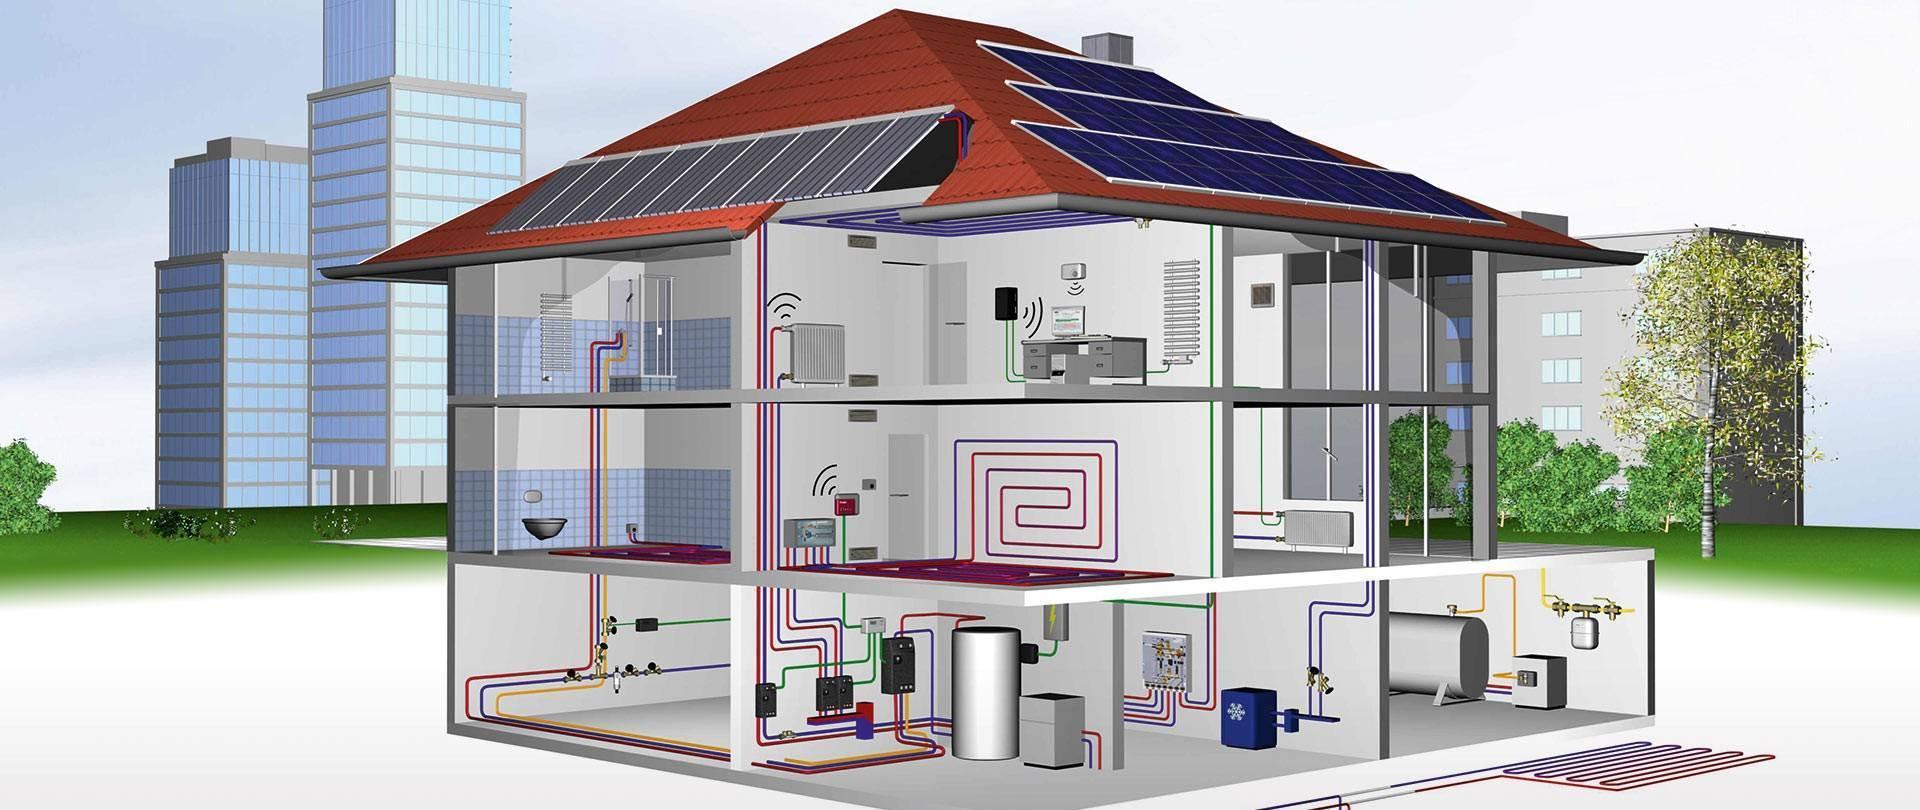 Отопление загородного дома: без газа, варианты обогрева электричеством, обогреватели, какой системой лучше прогреть помещение